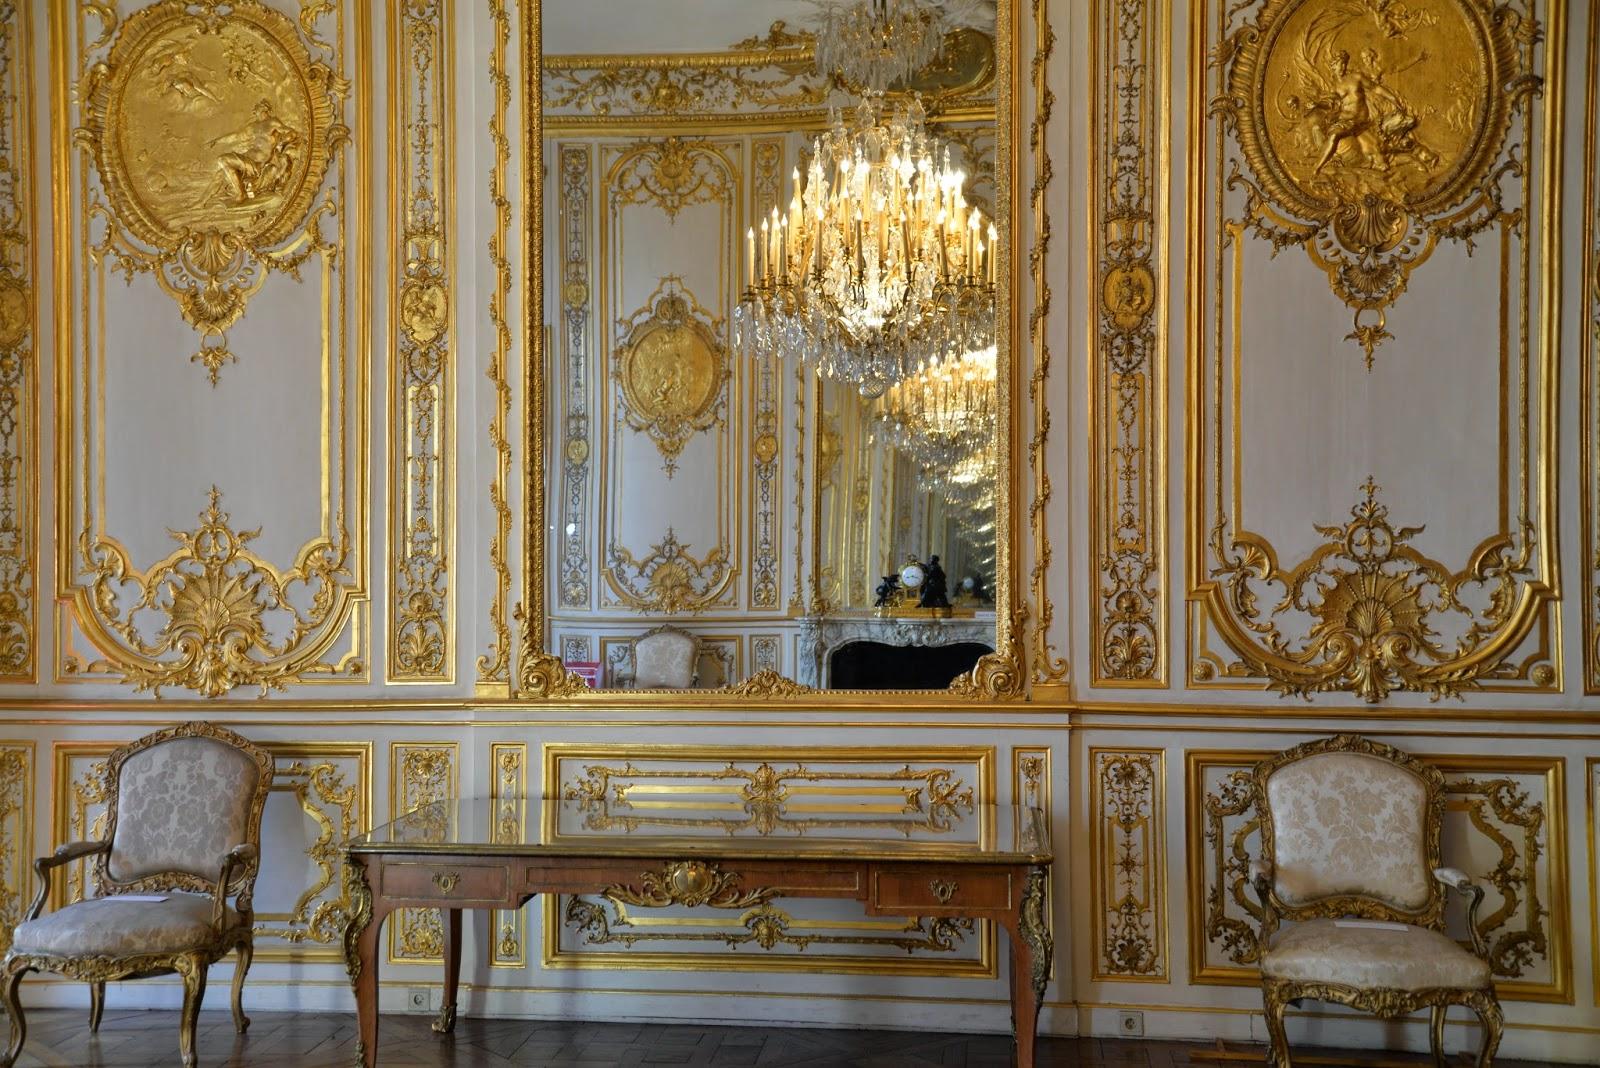 Cubo Et Excubo Hotel De Soubise Paris